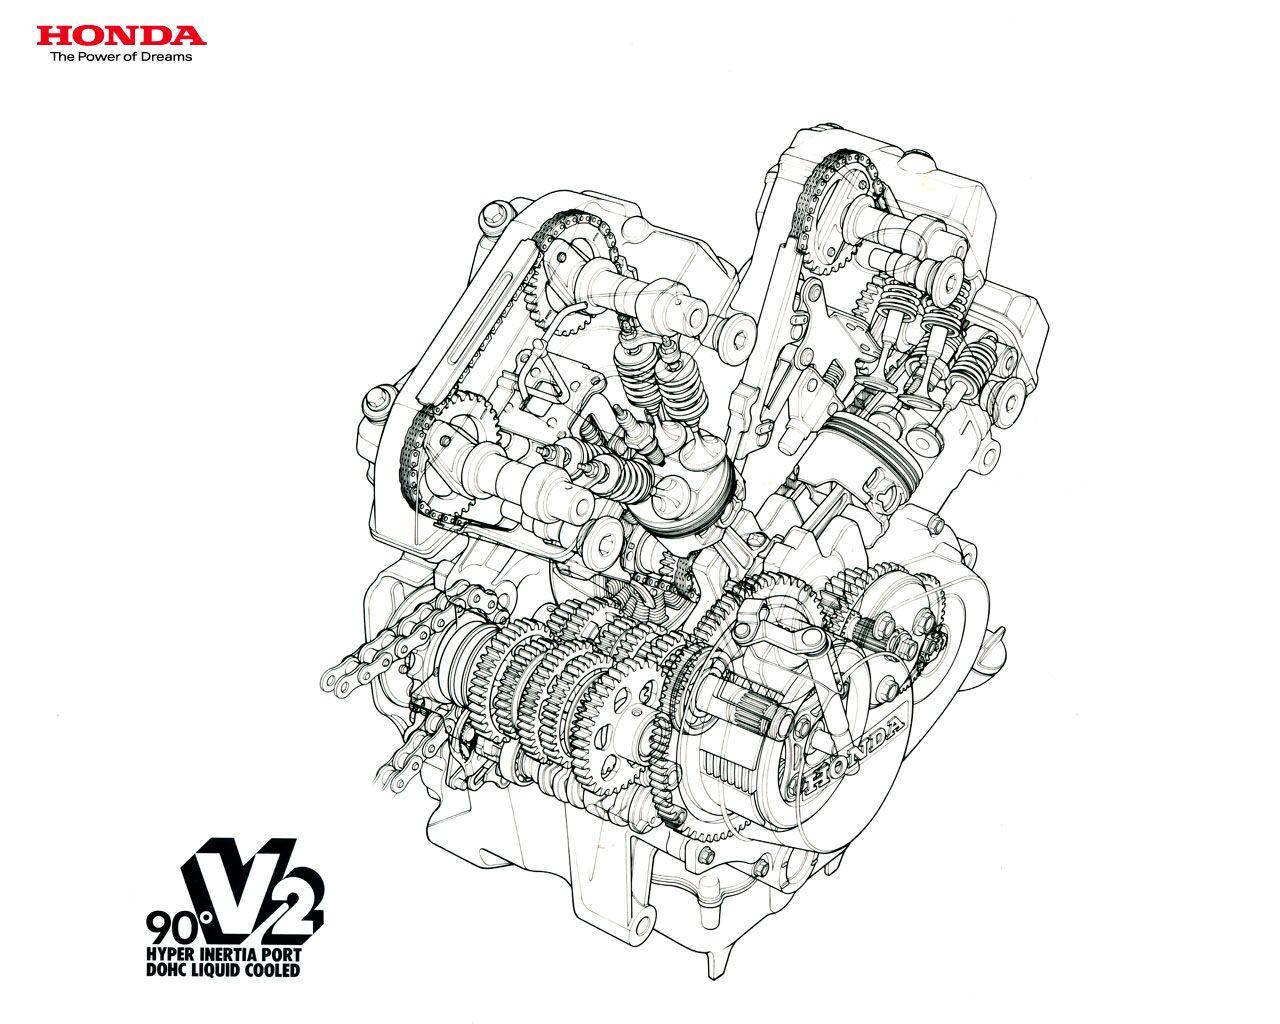 Honda Vt 250 Cutaway